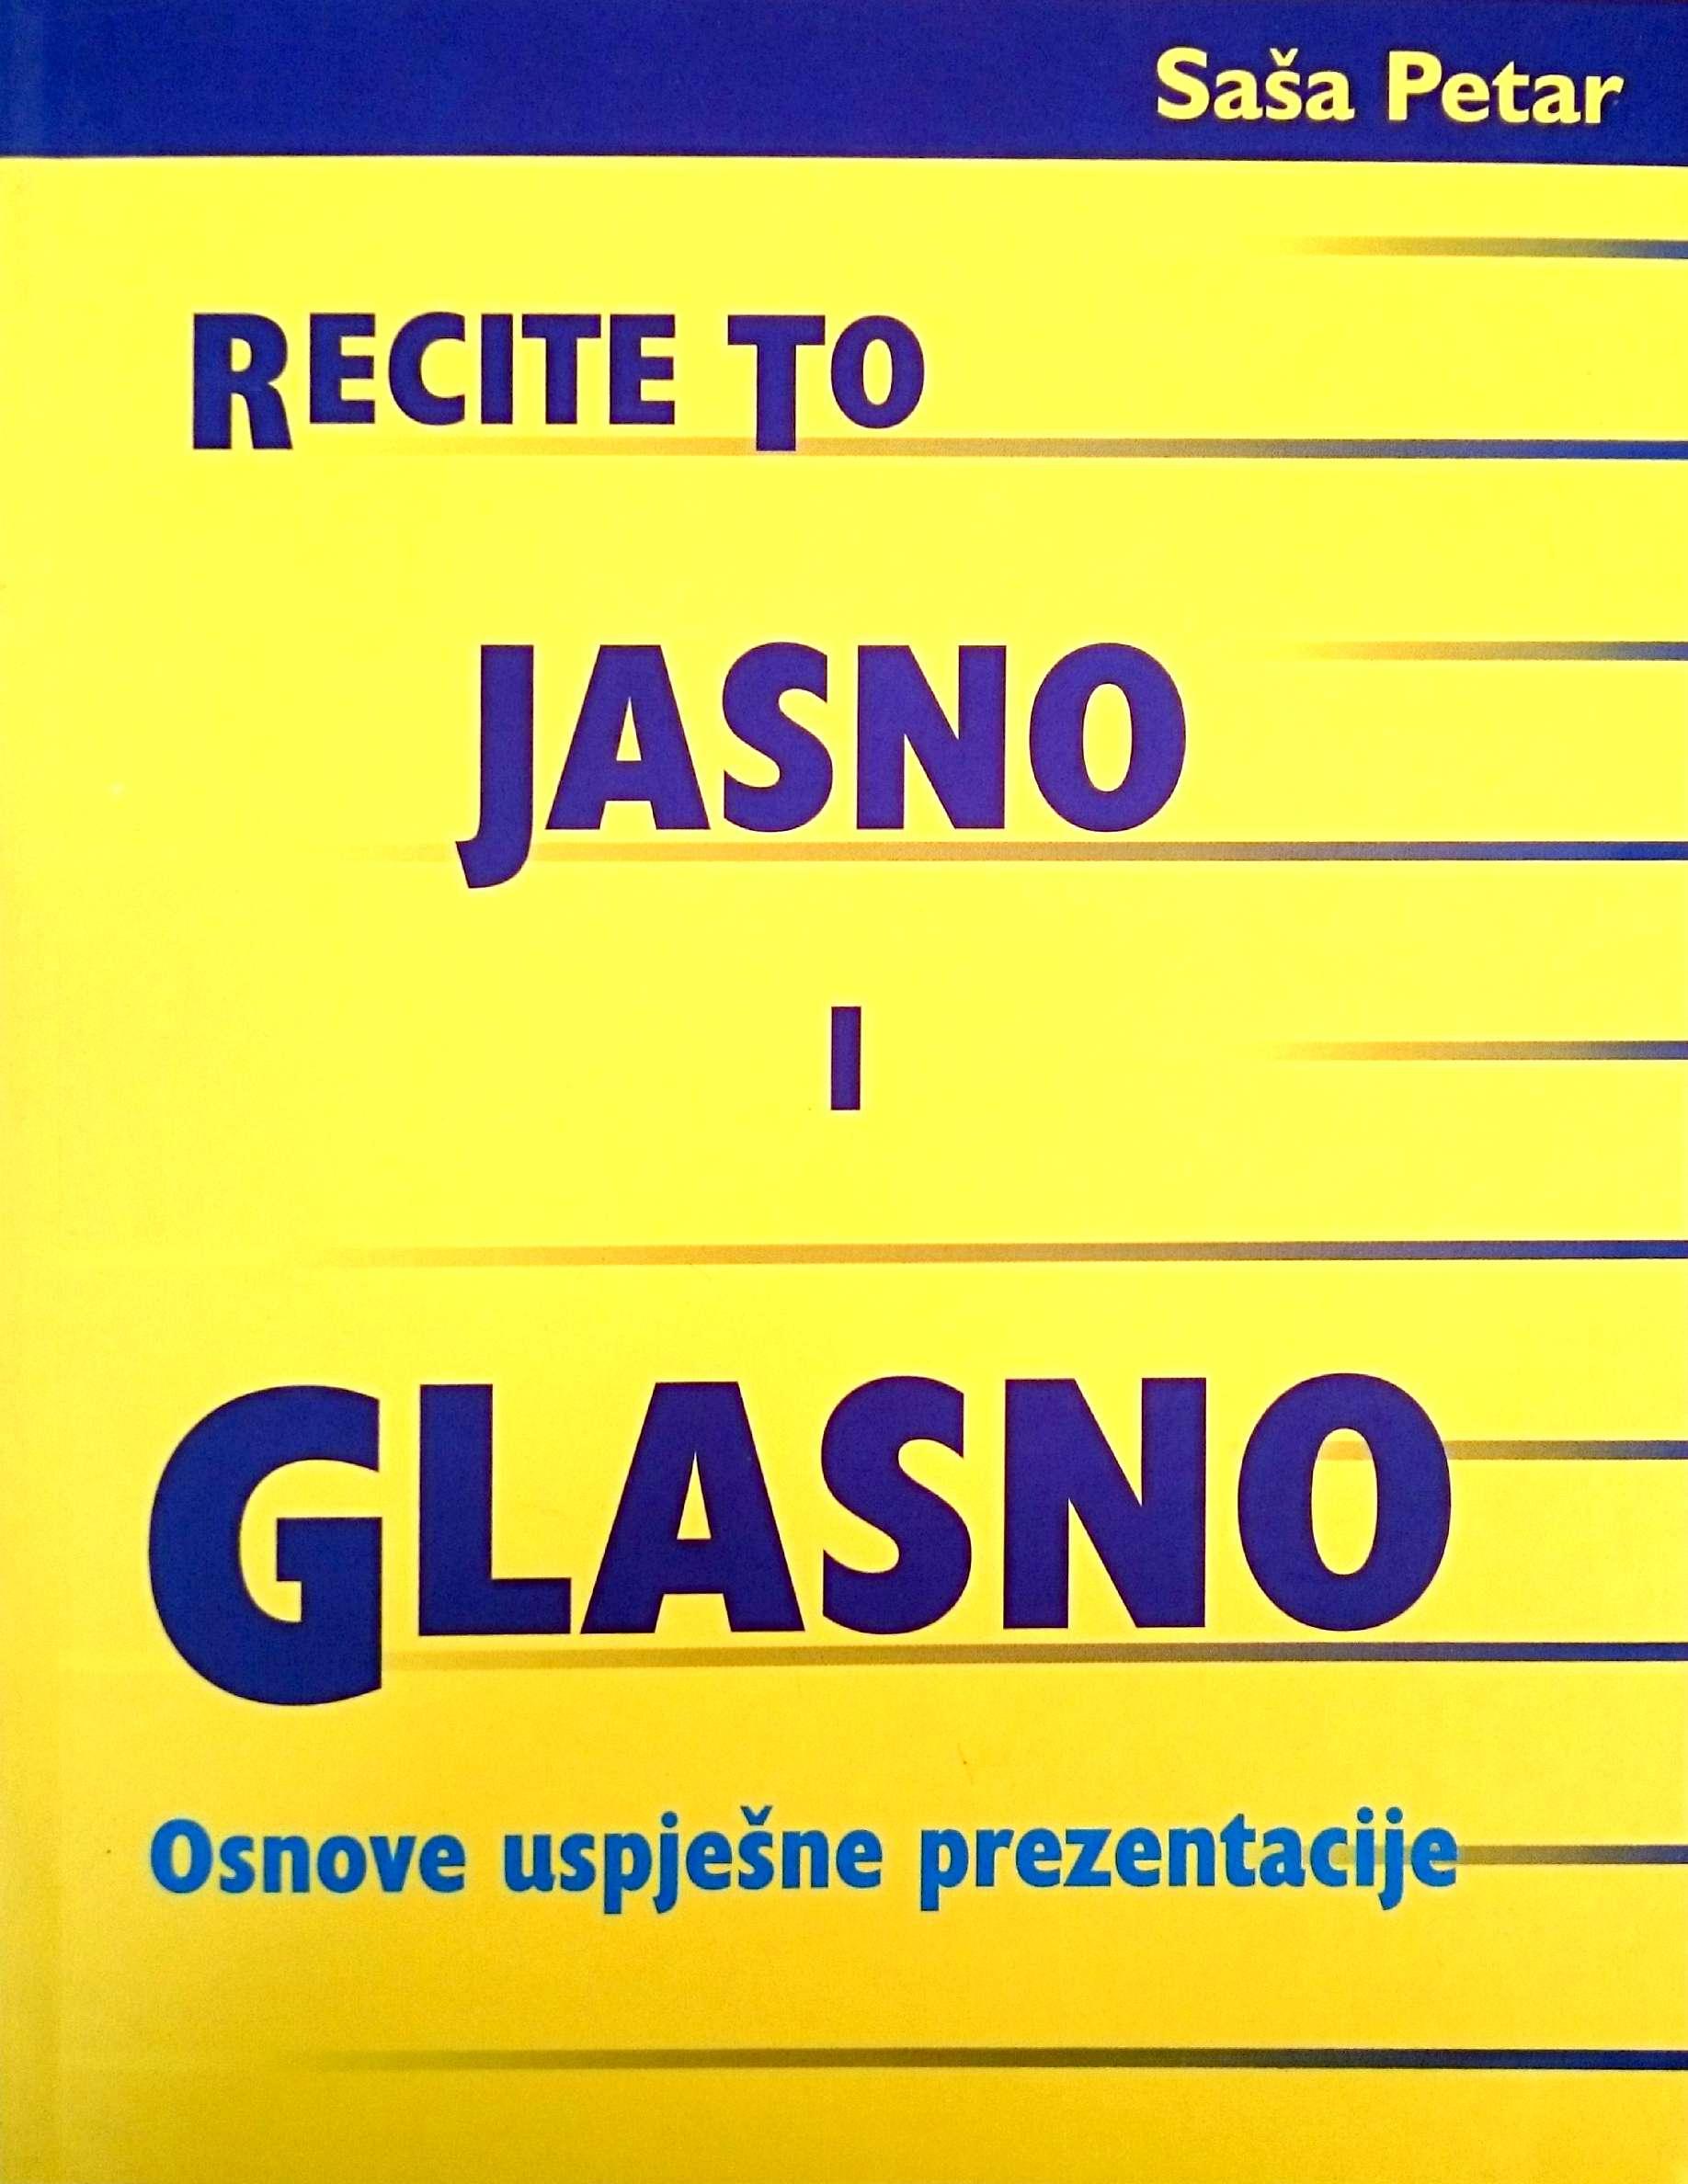 RECITE TO JASNO I GLASNO - Naruči svoju knjigu